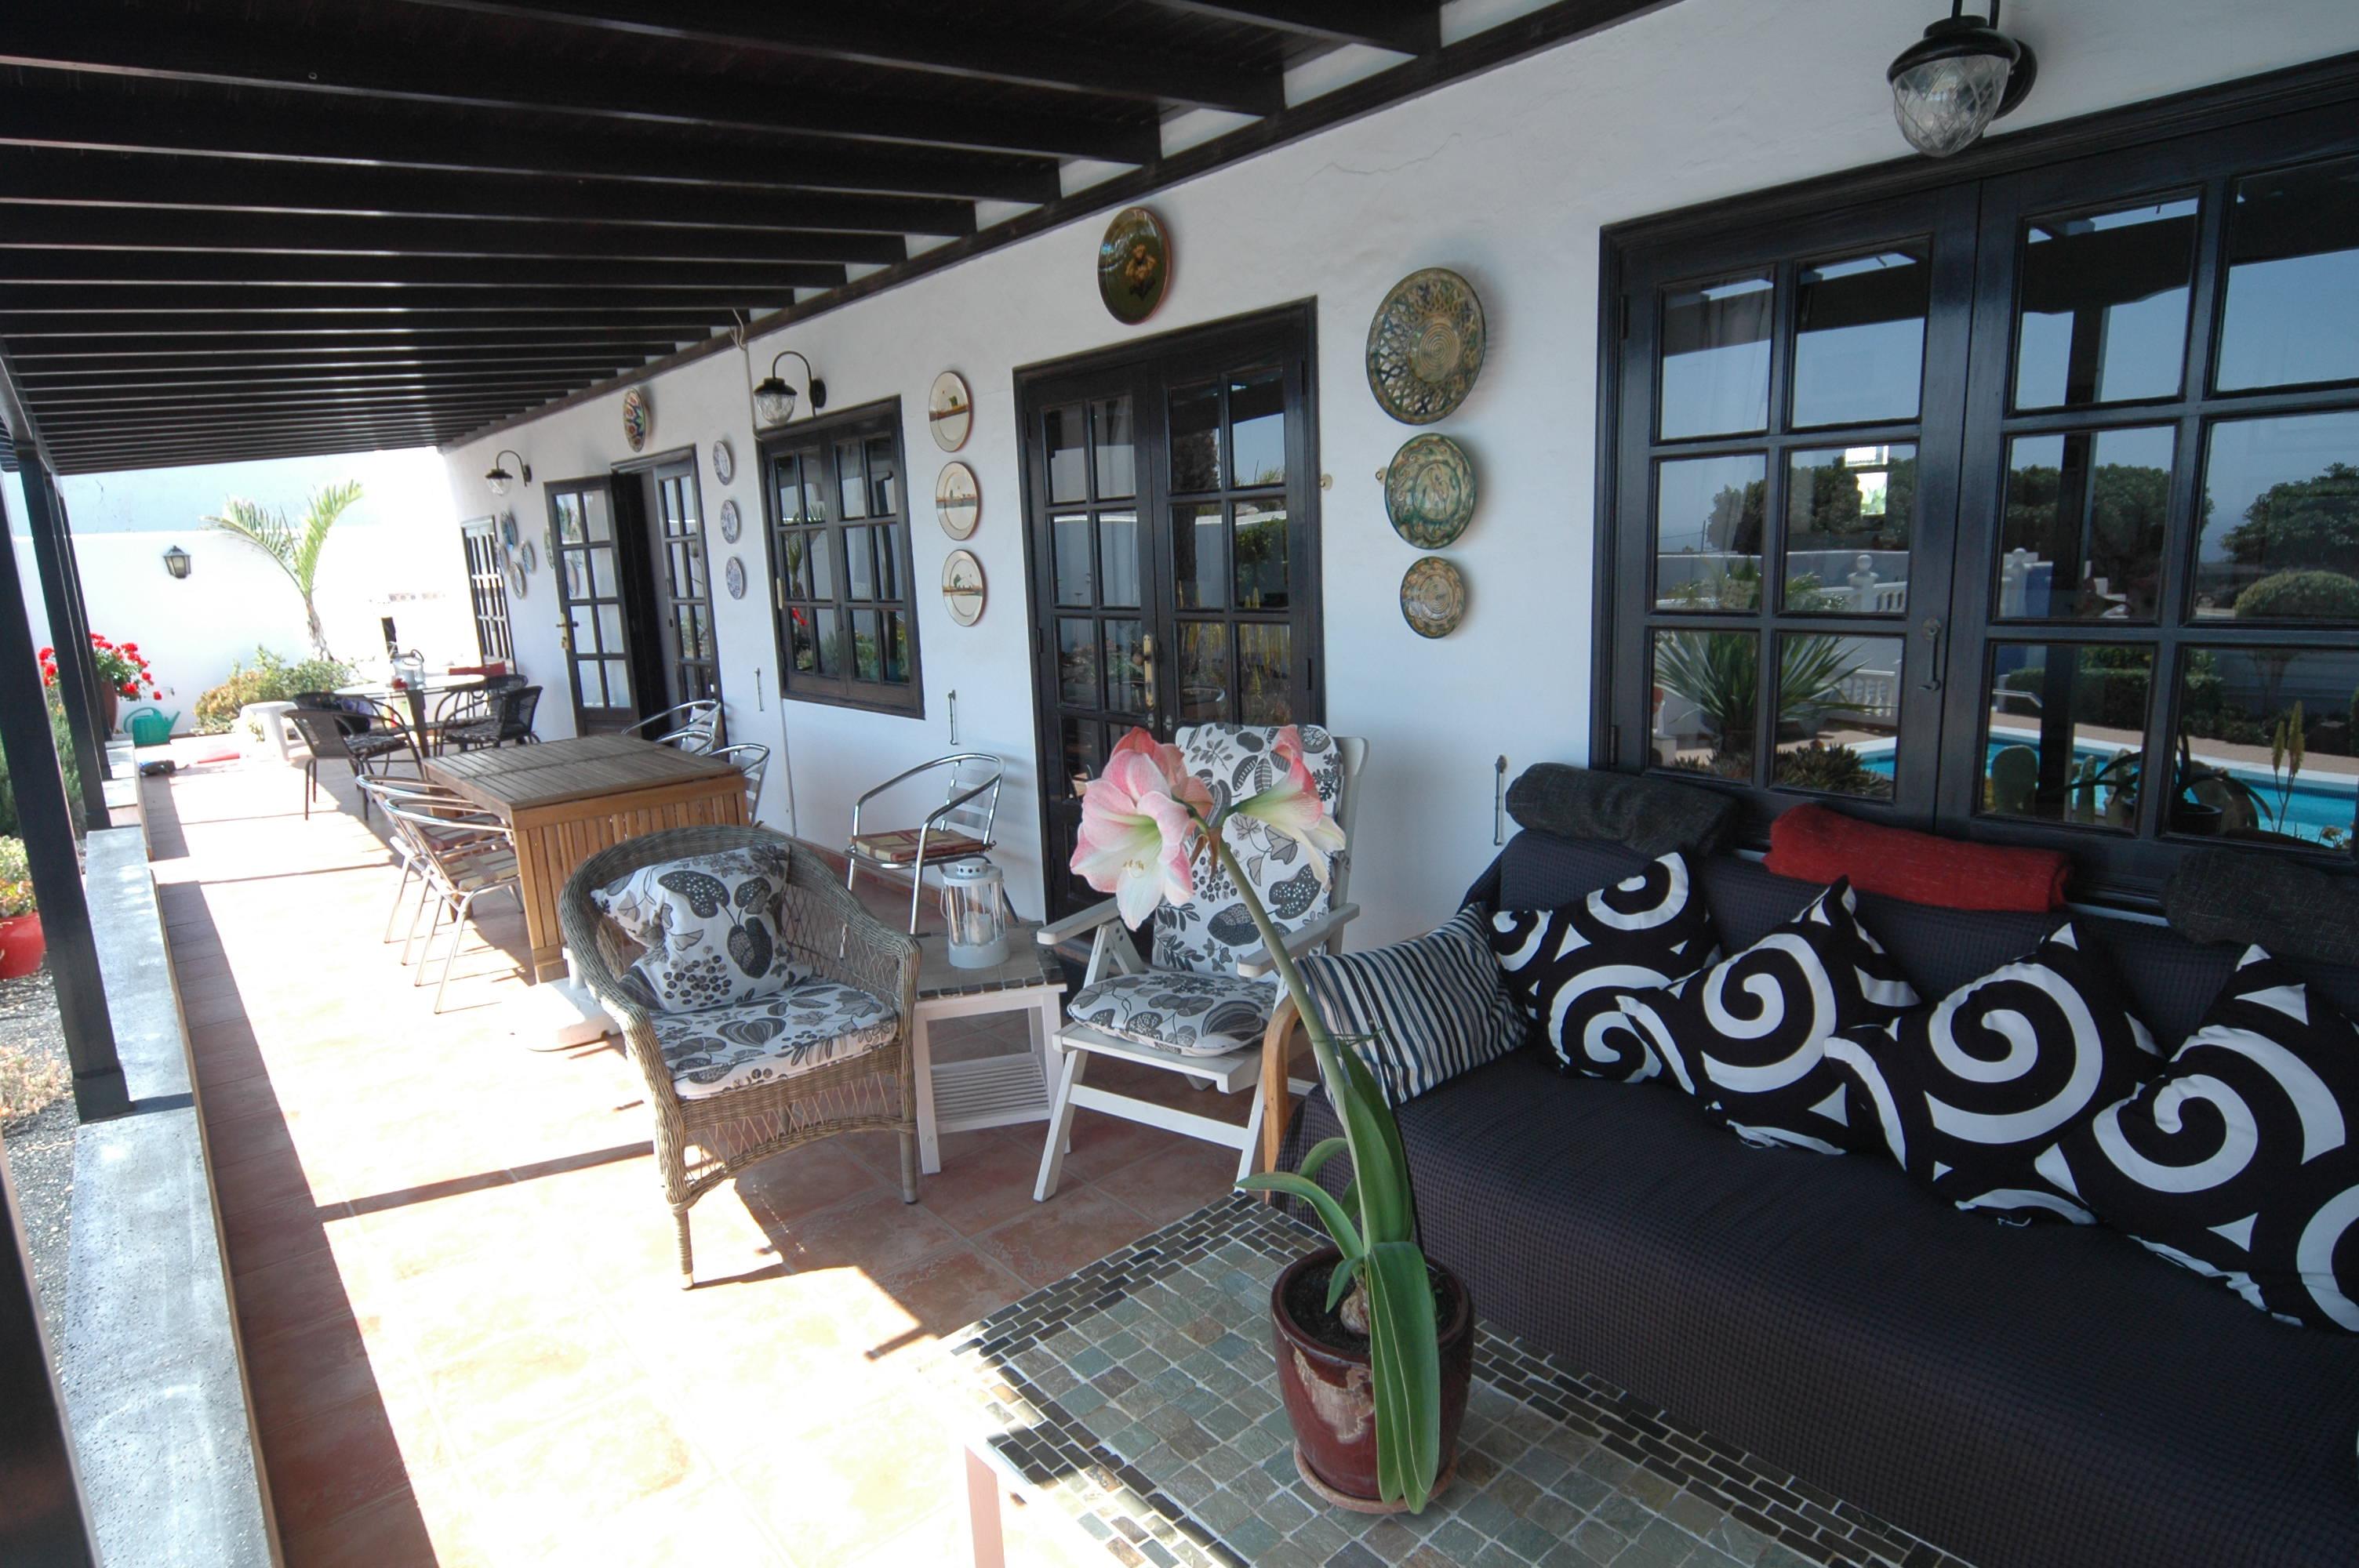 LVC198622 undercover terrace